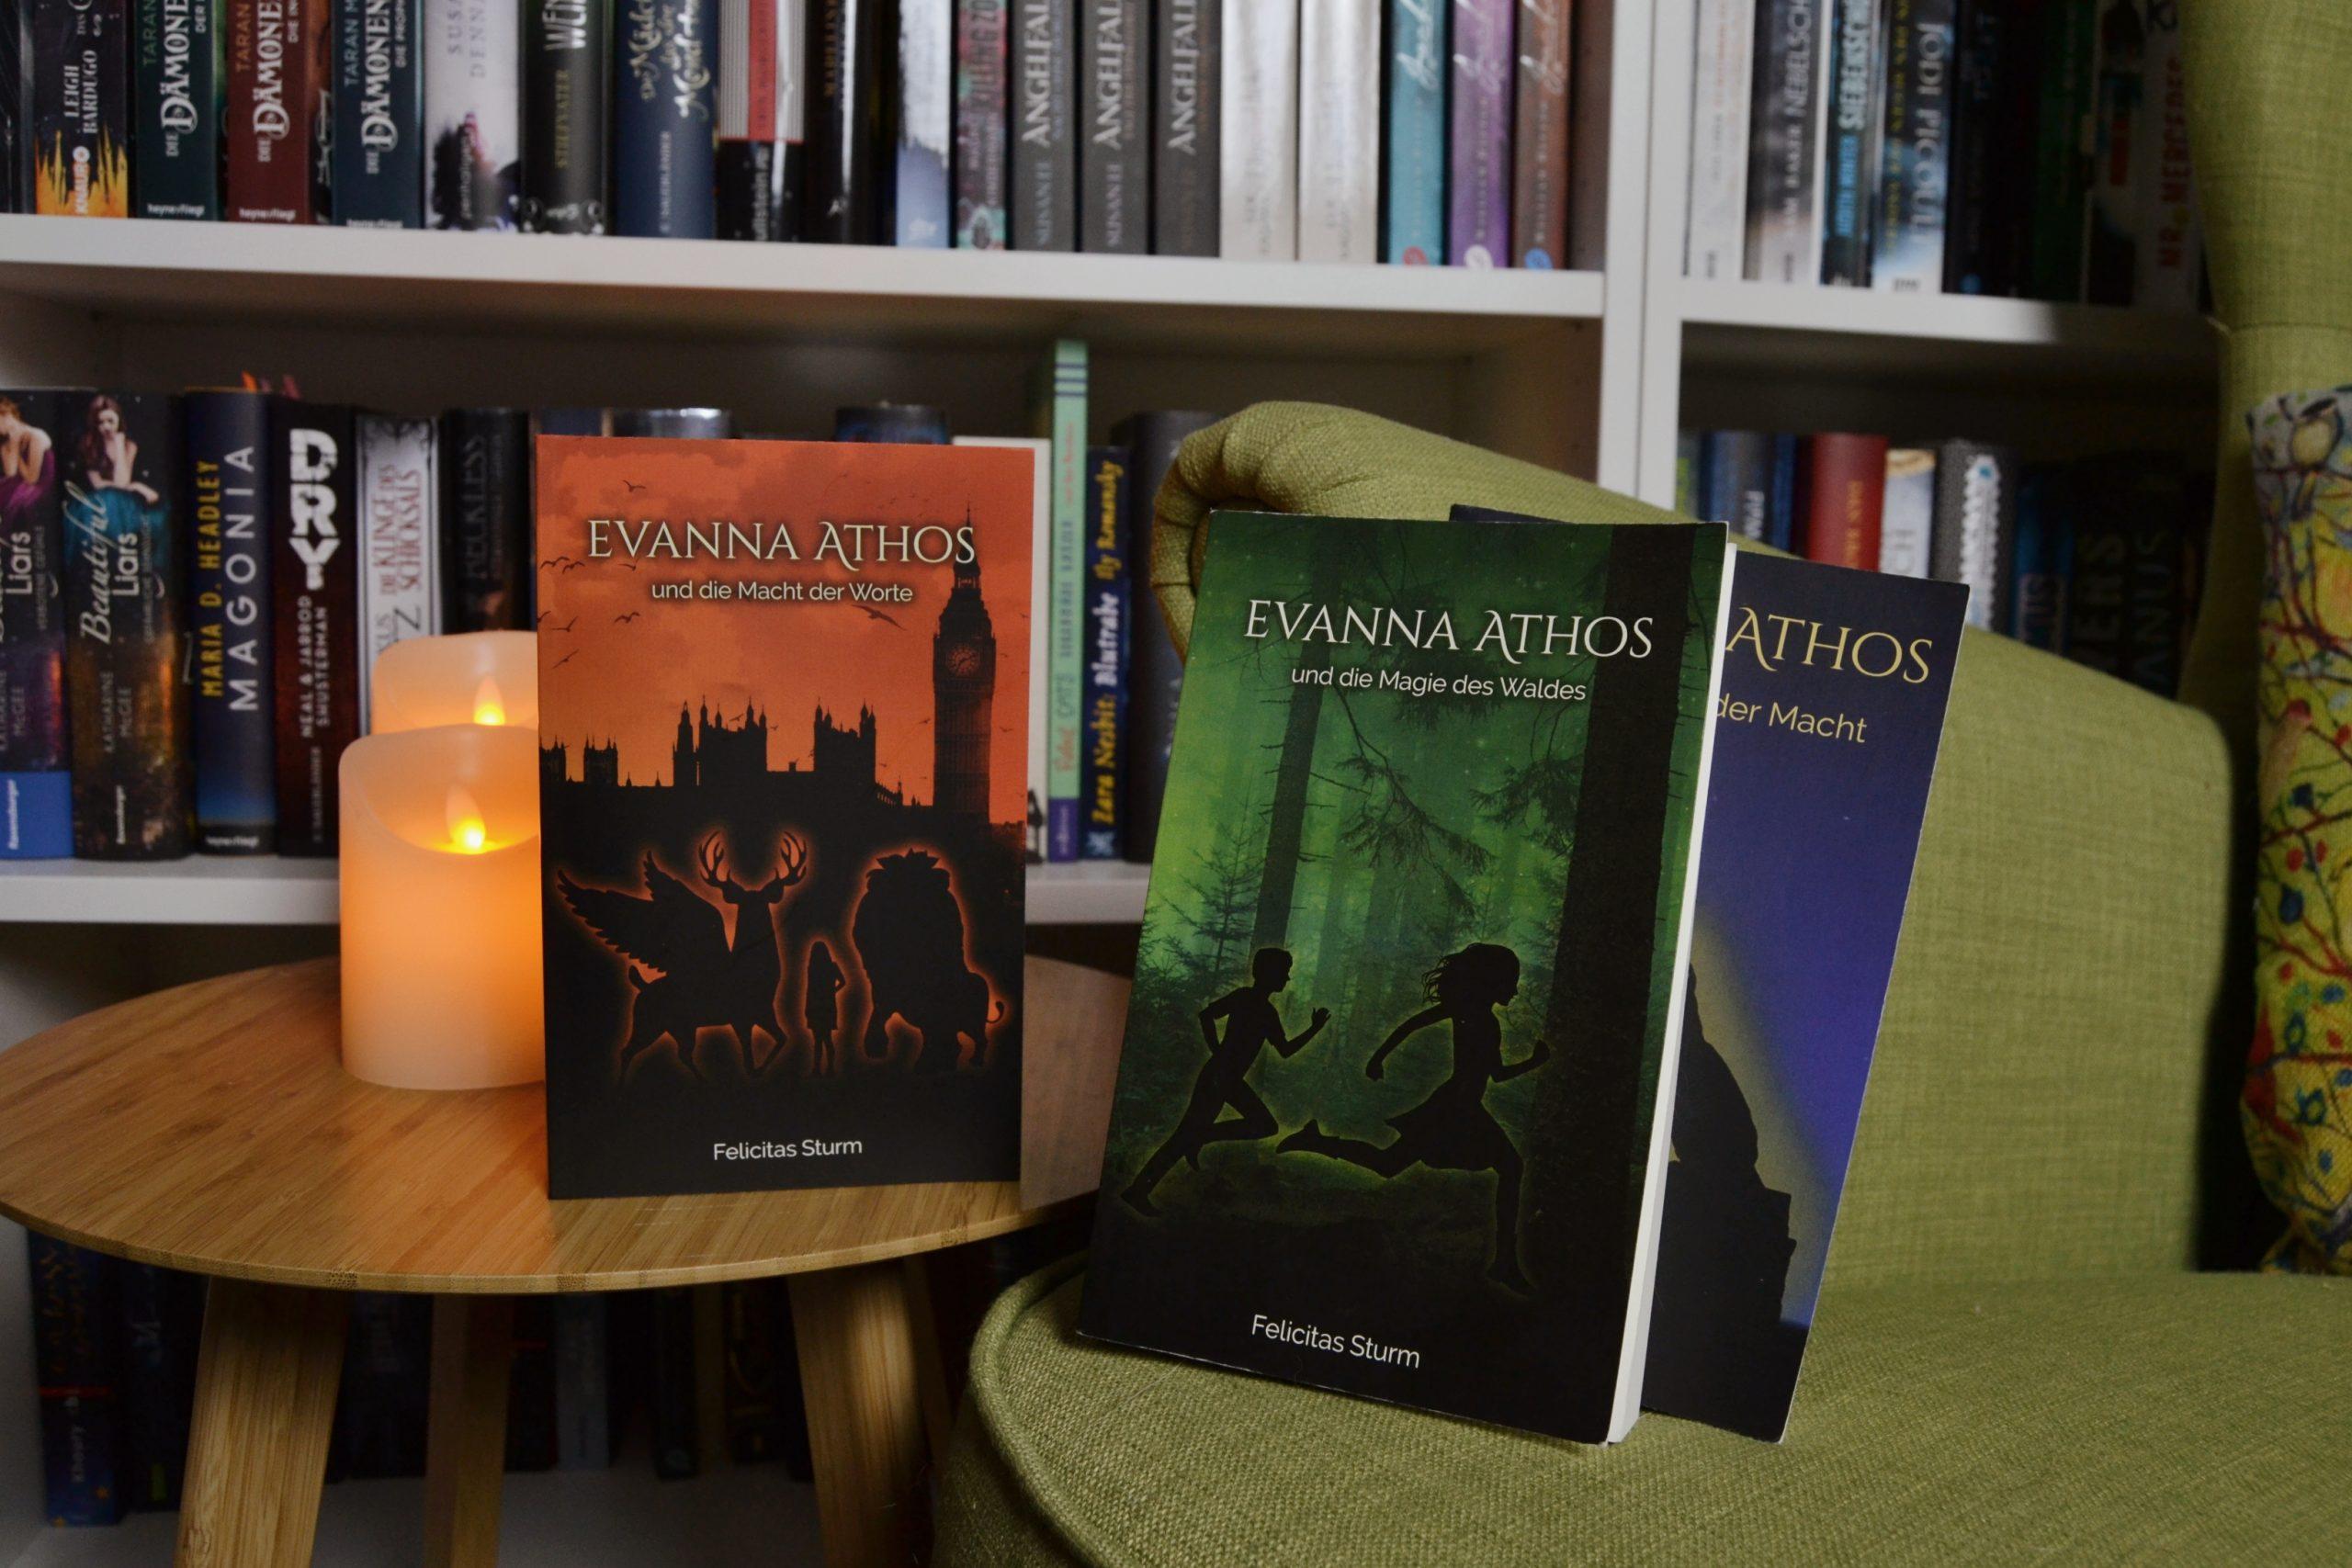 Evanna Athos und die Macht der Worte